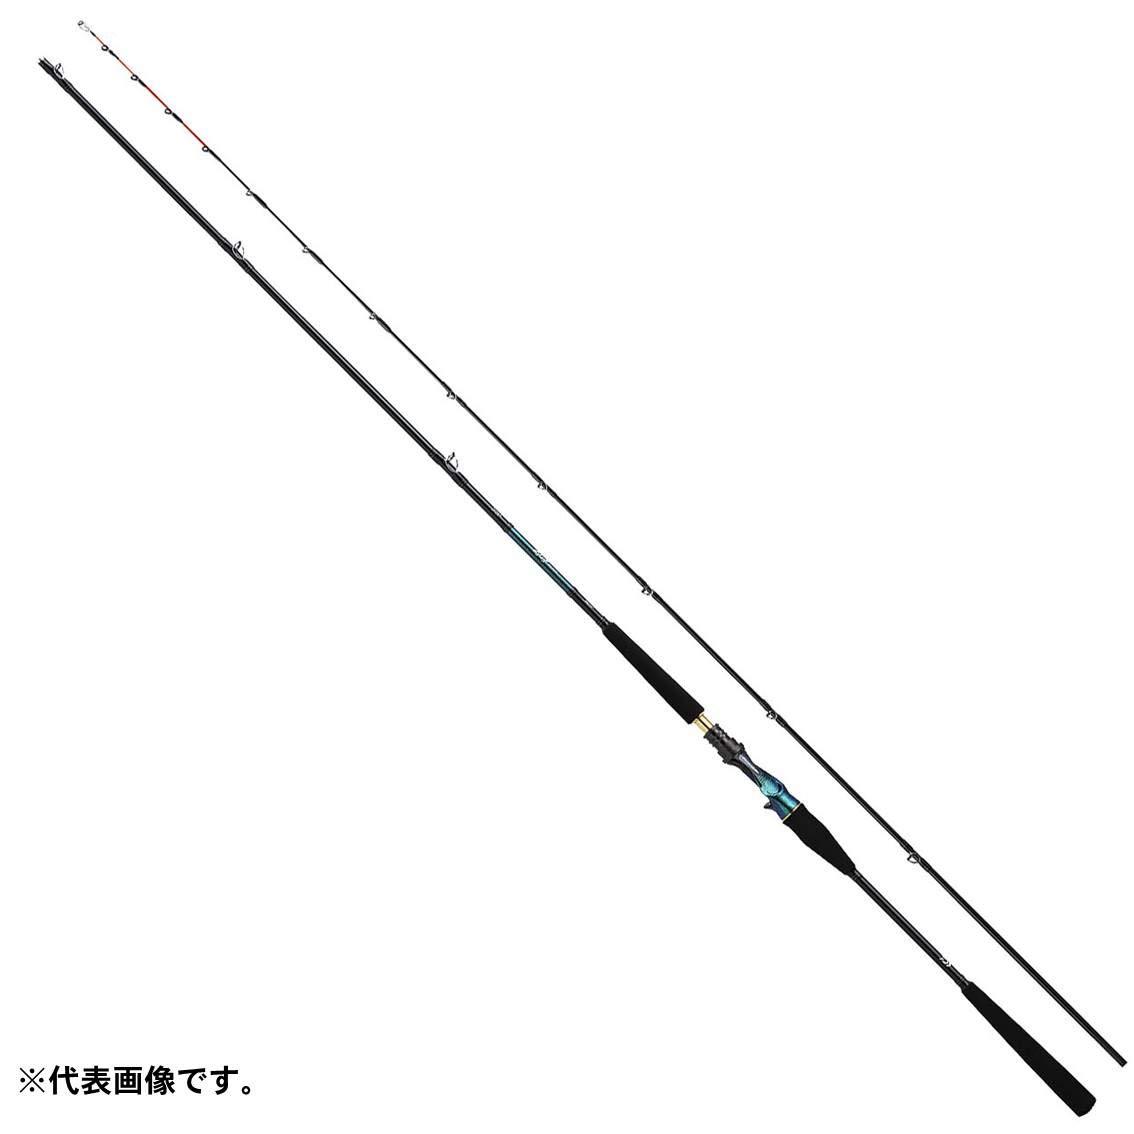 ダイワ(DAIWA) 18 剣崎 MT 60-230MT